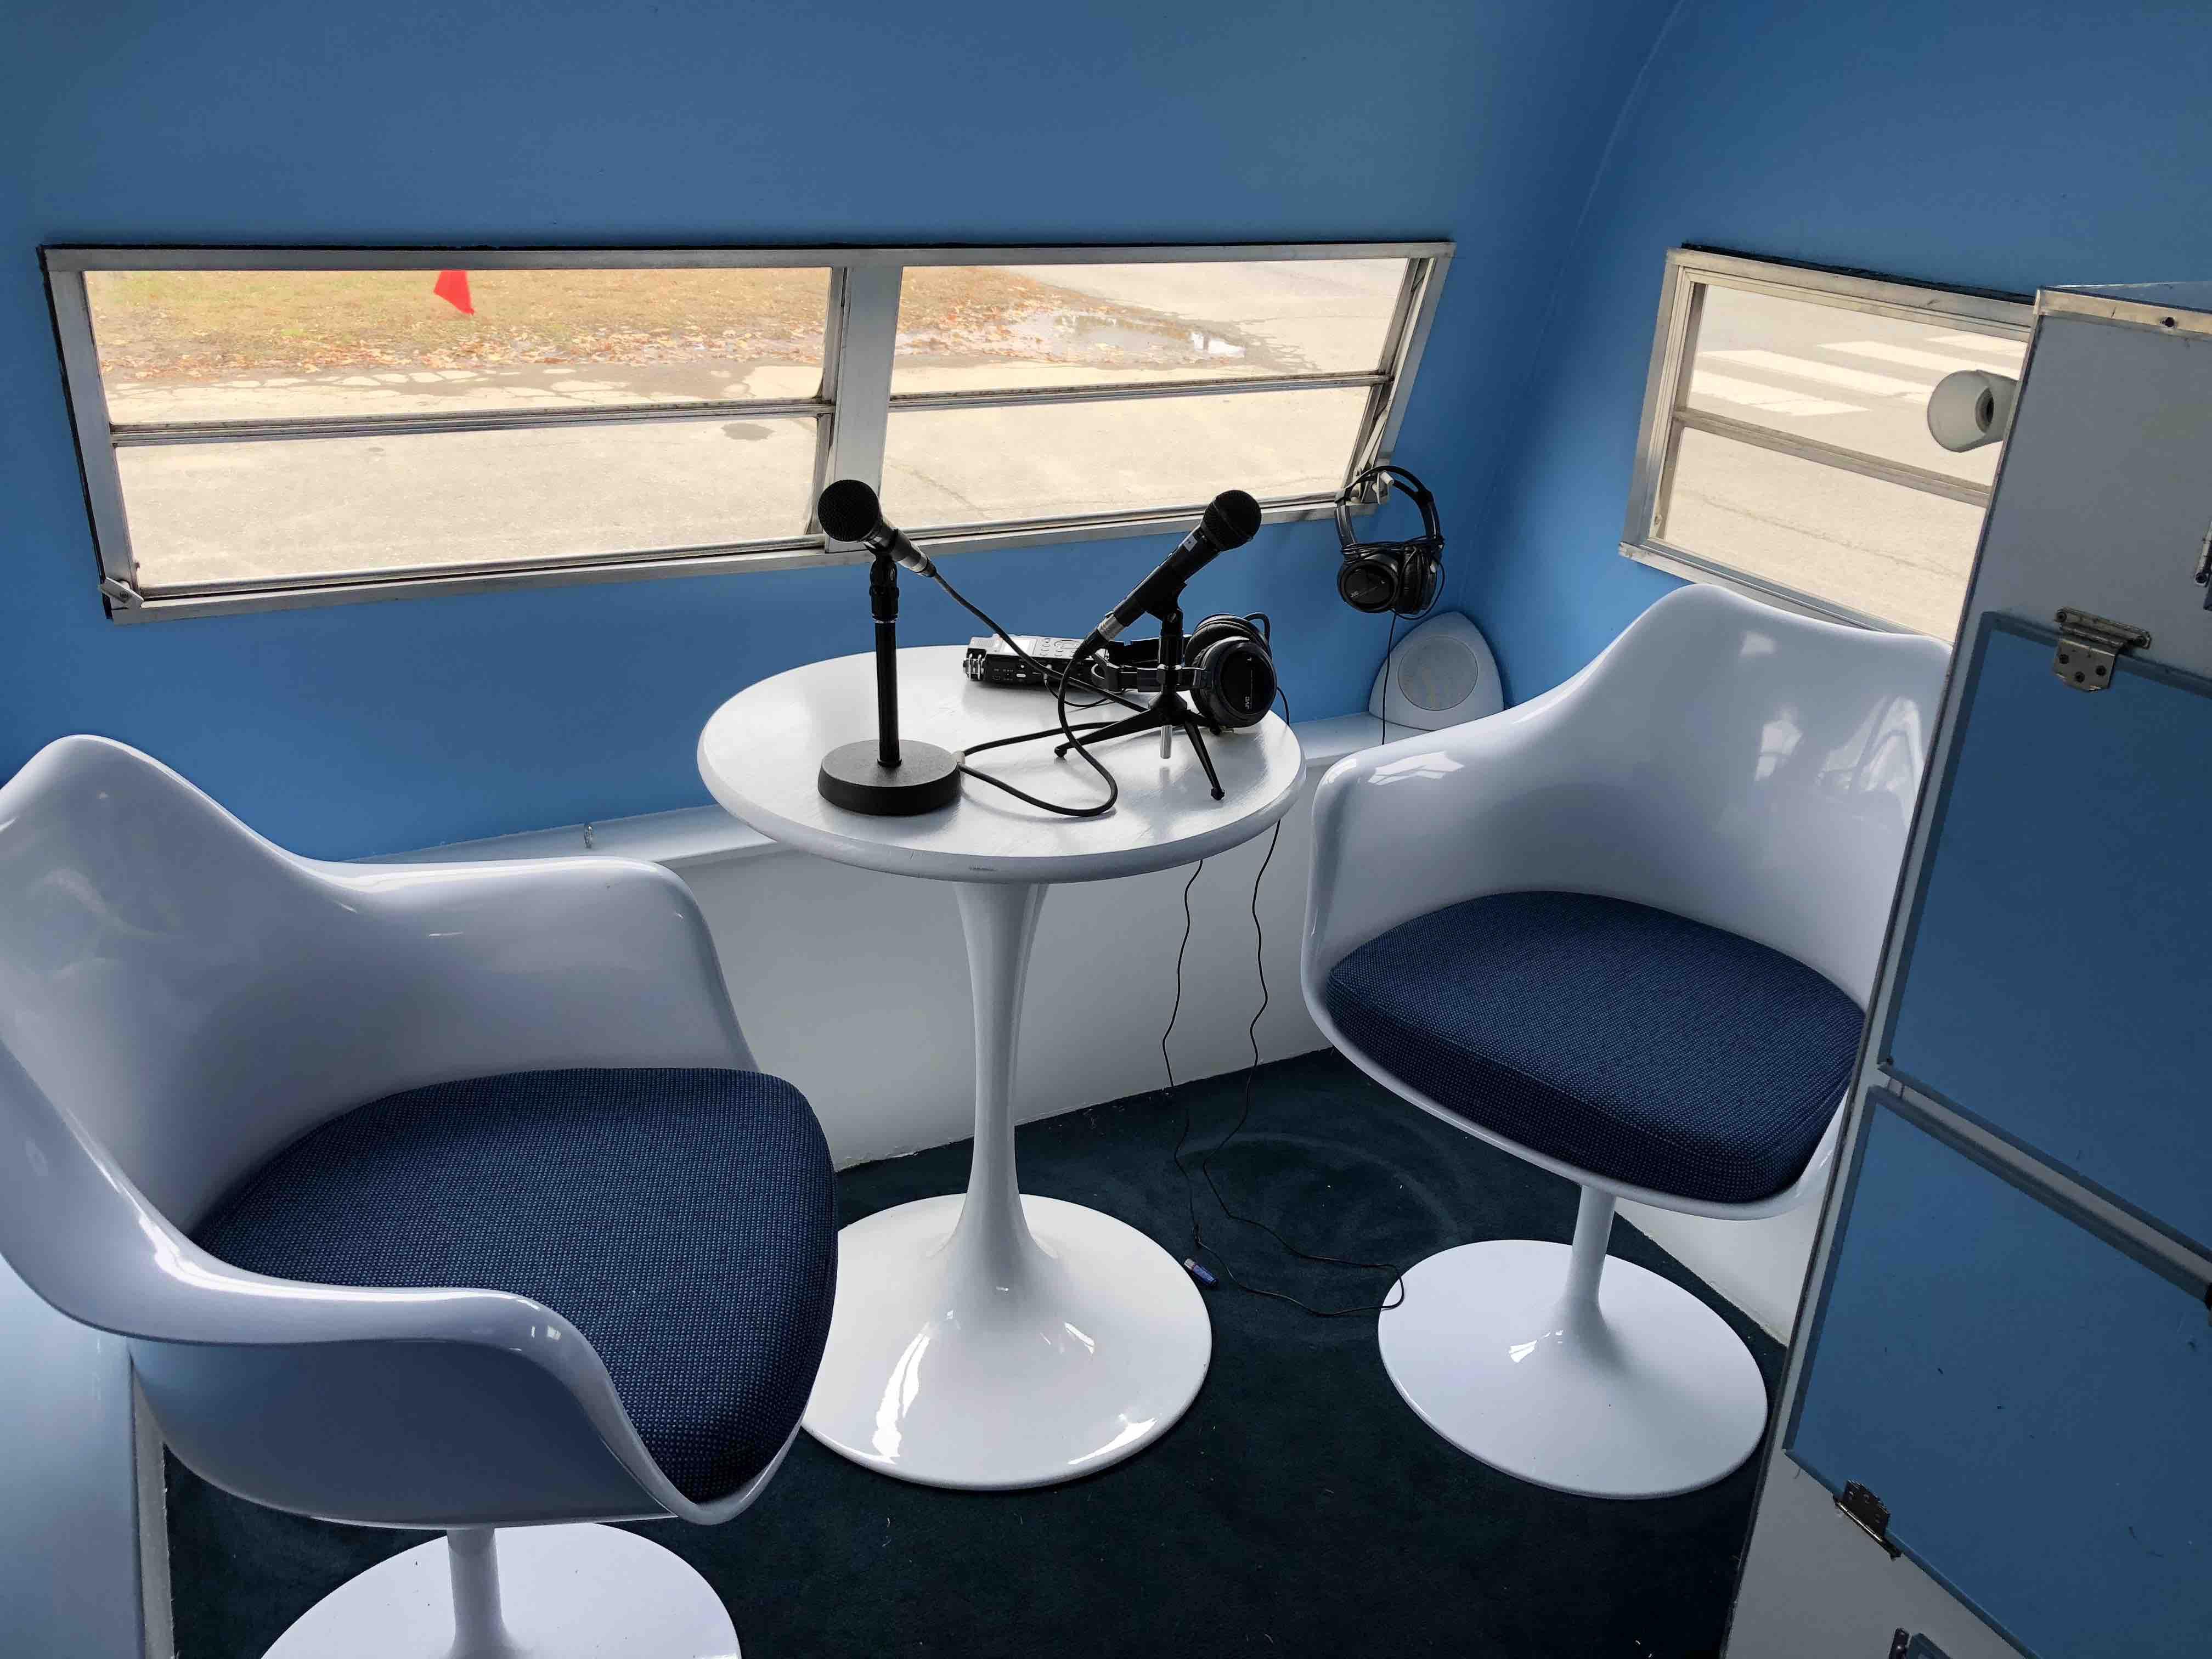 interior of a mobile recording studio